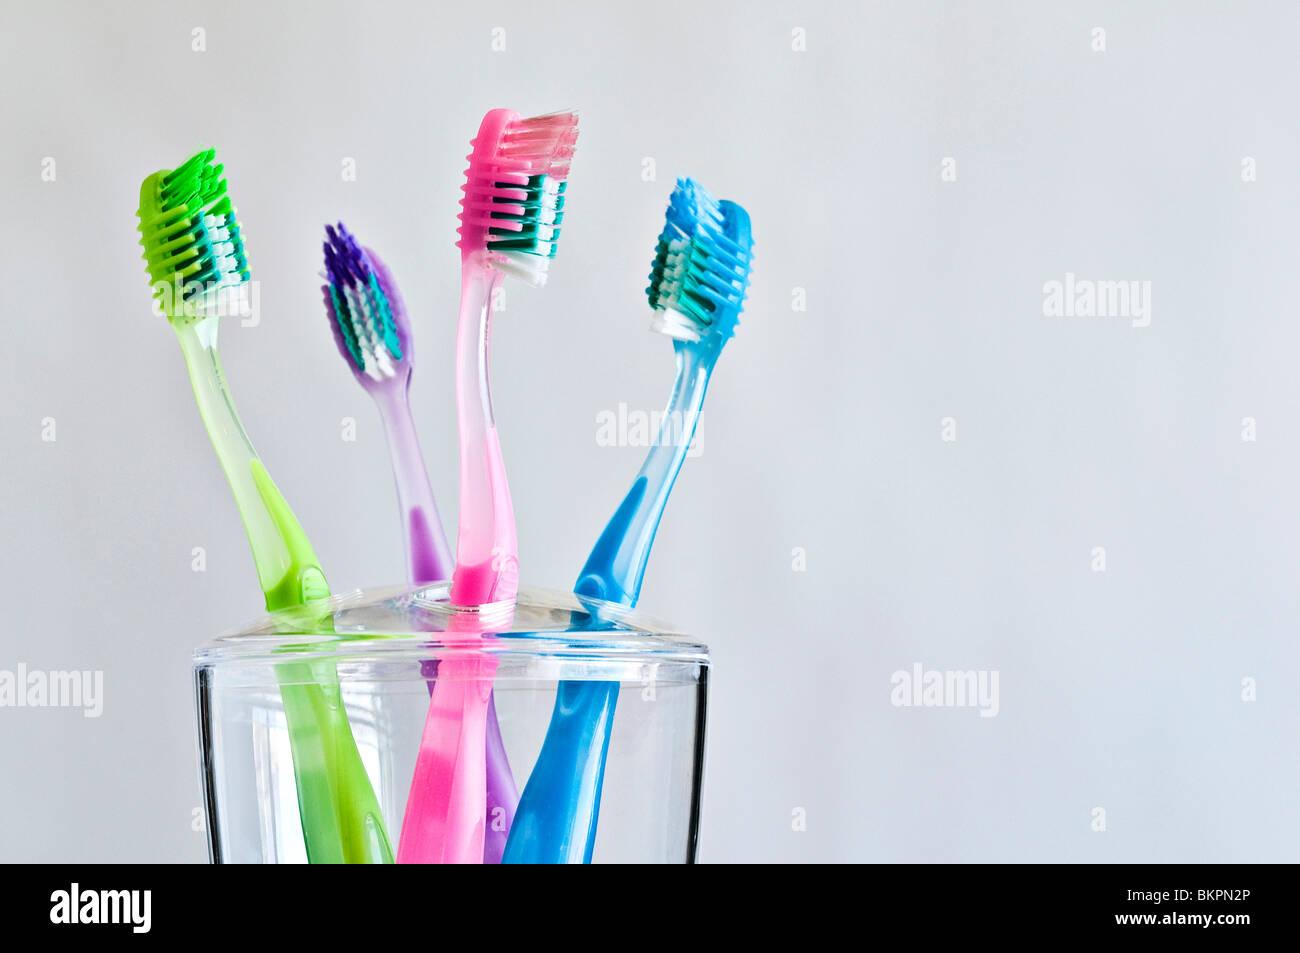 Quattro diversi spazzolini da denti colorati in famiglia titolare dello spazzolino da denti. Immagini Stock